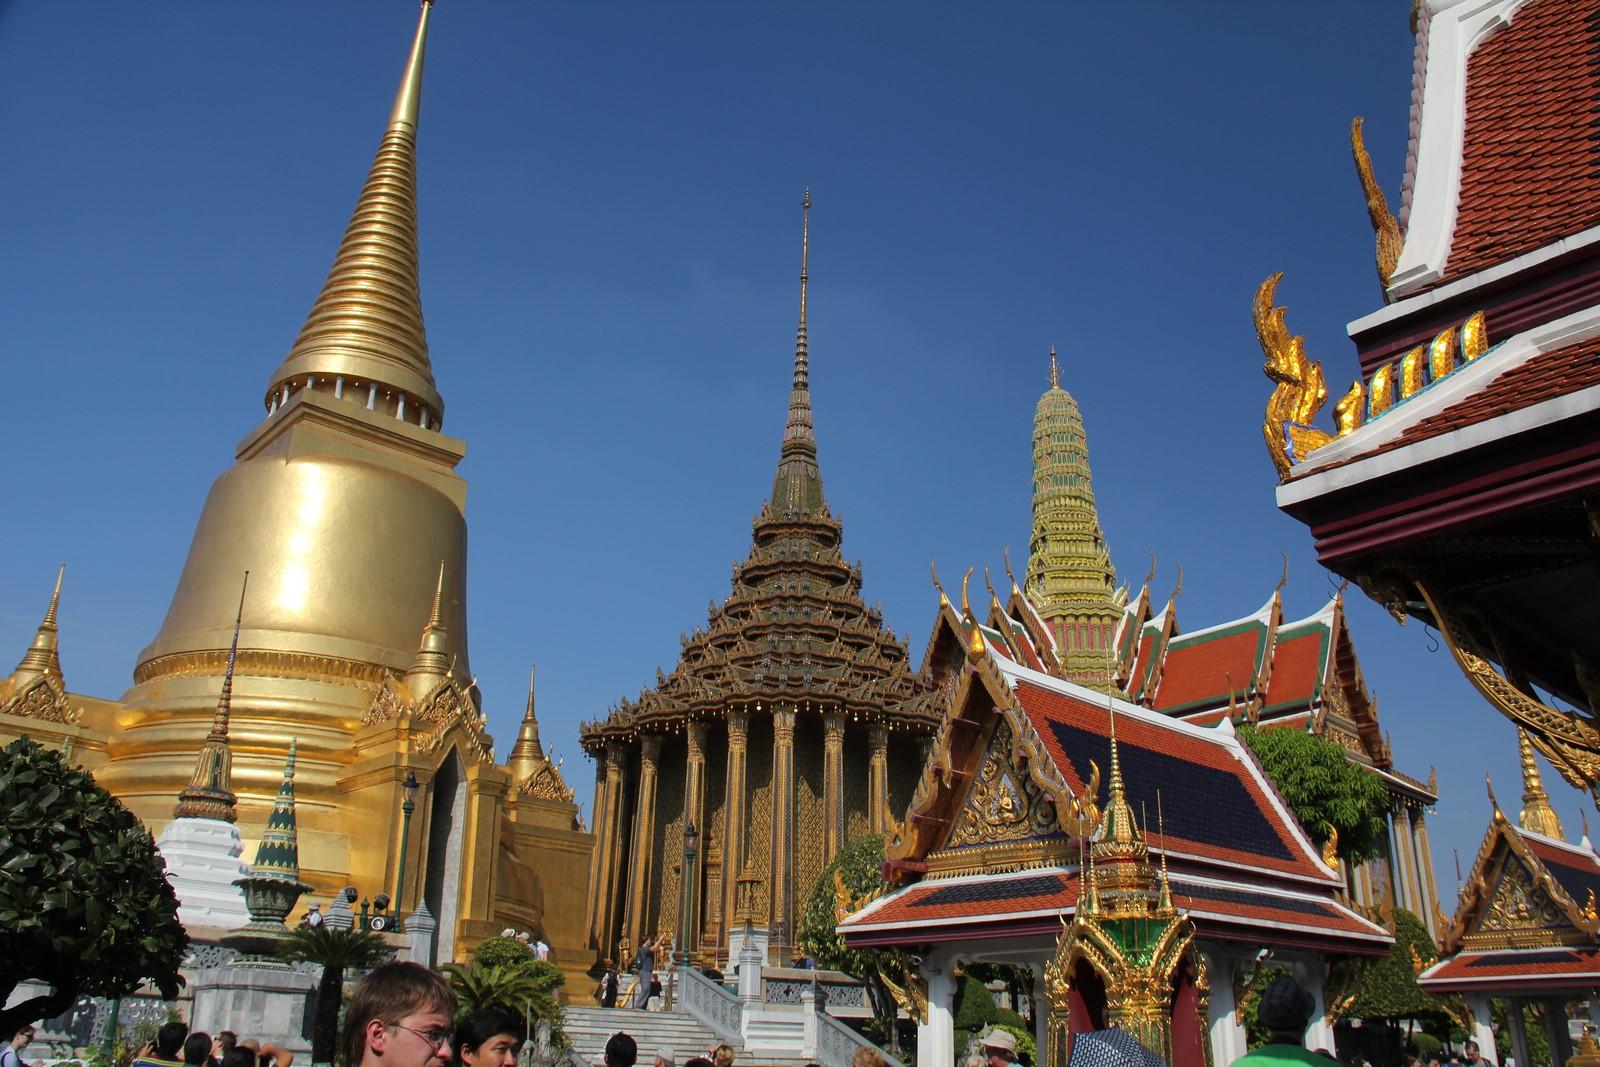 Thaïlande_Bangkok 1 (Copier)